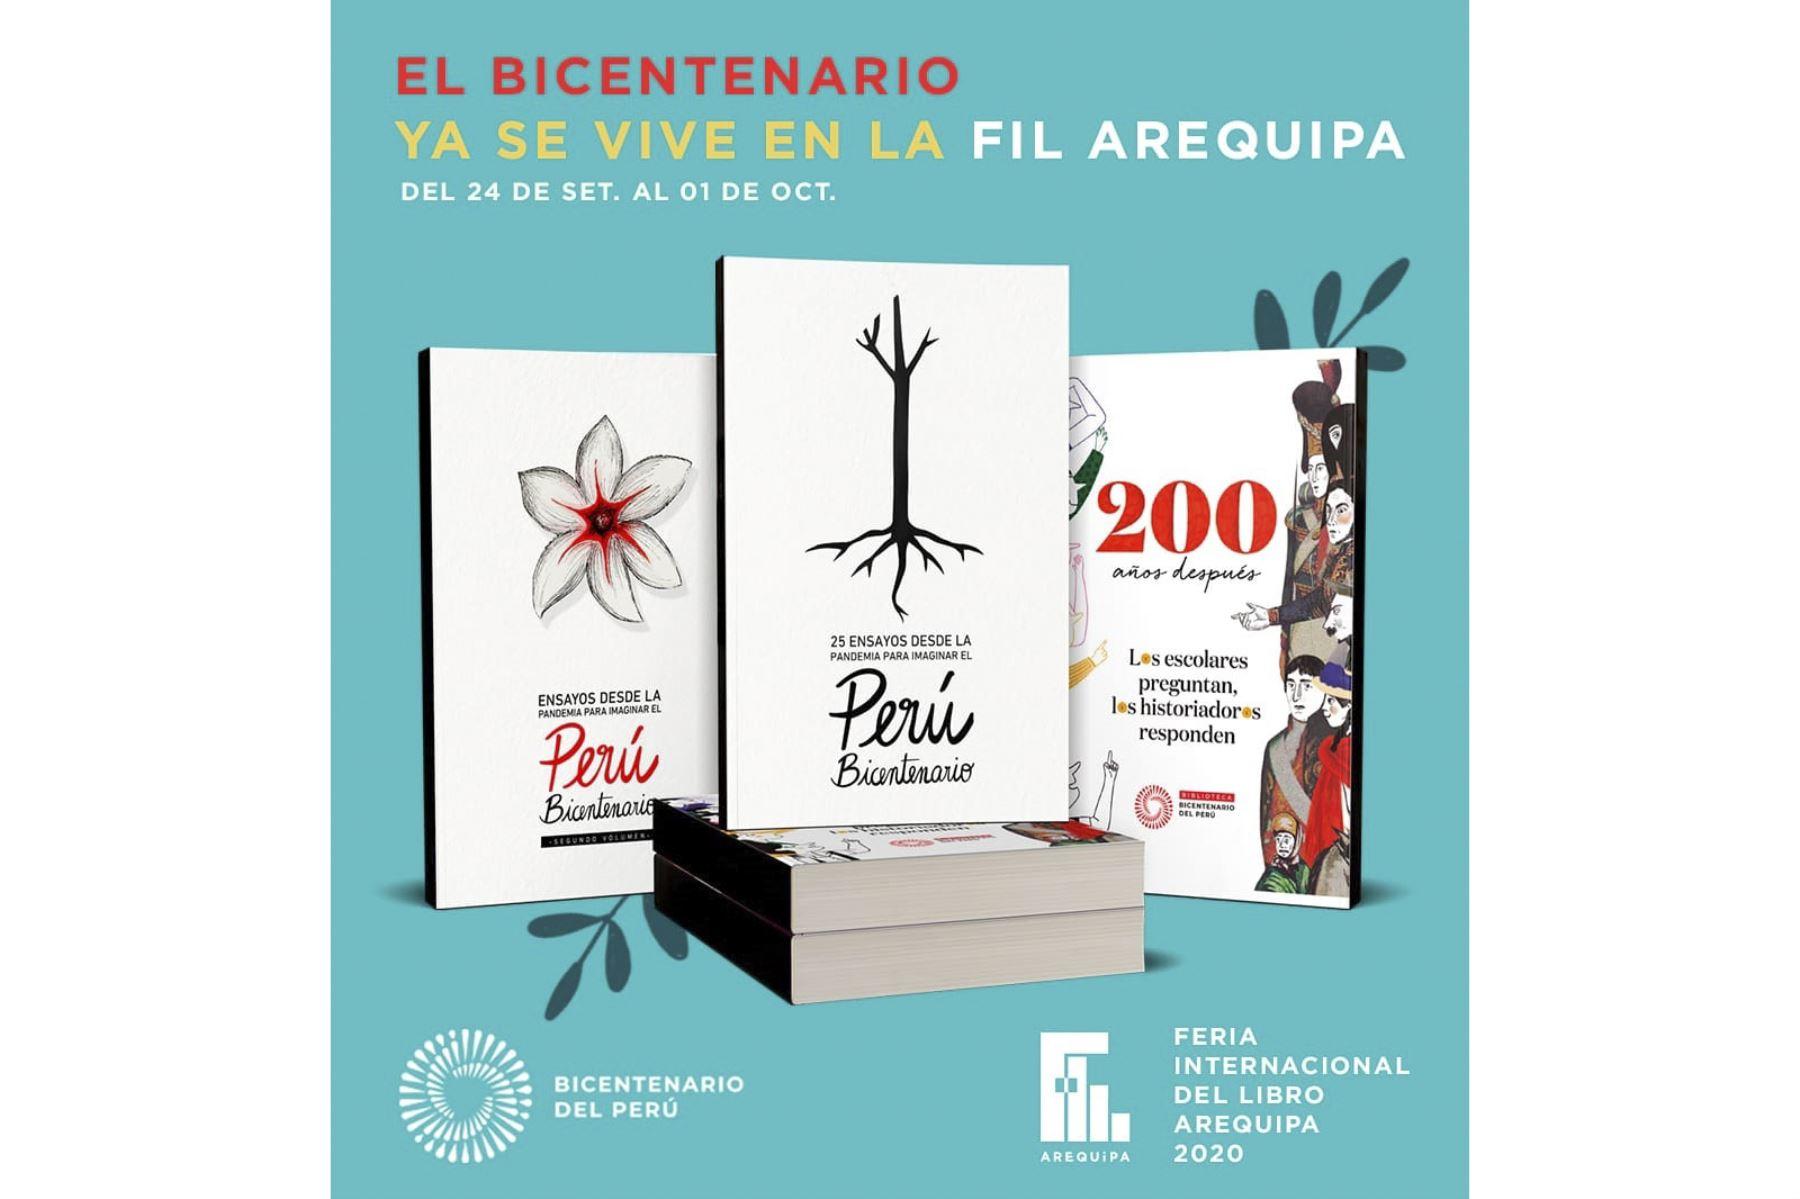 Proyecto Especial Bicentenario estará en la Feria Internacional del Libro Arequipa 2020 | Noticias